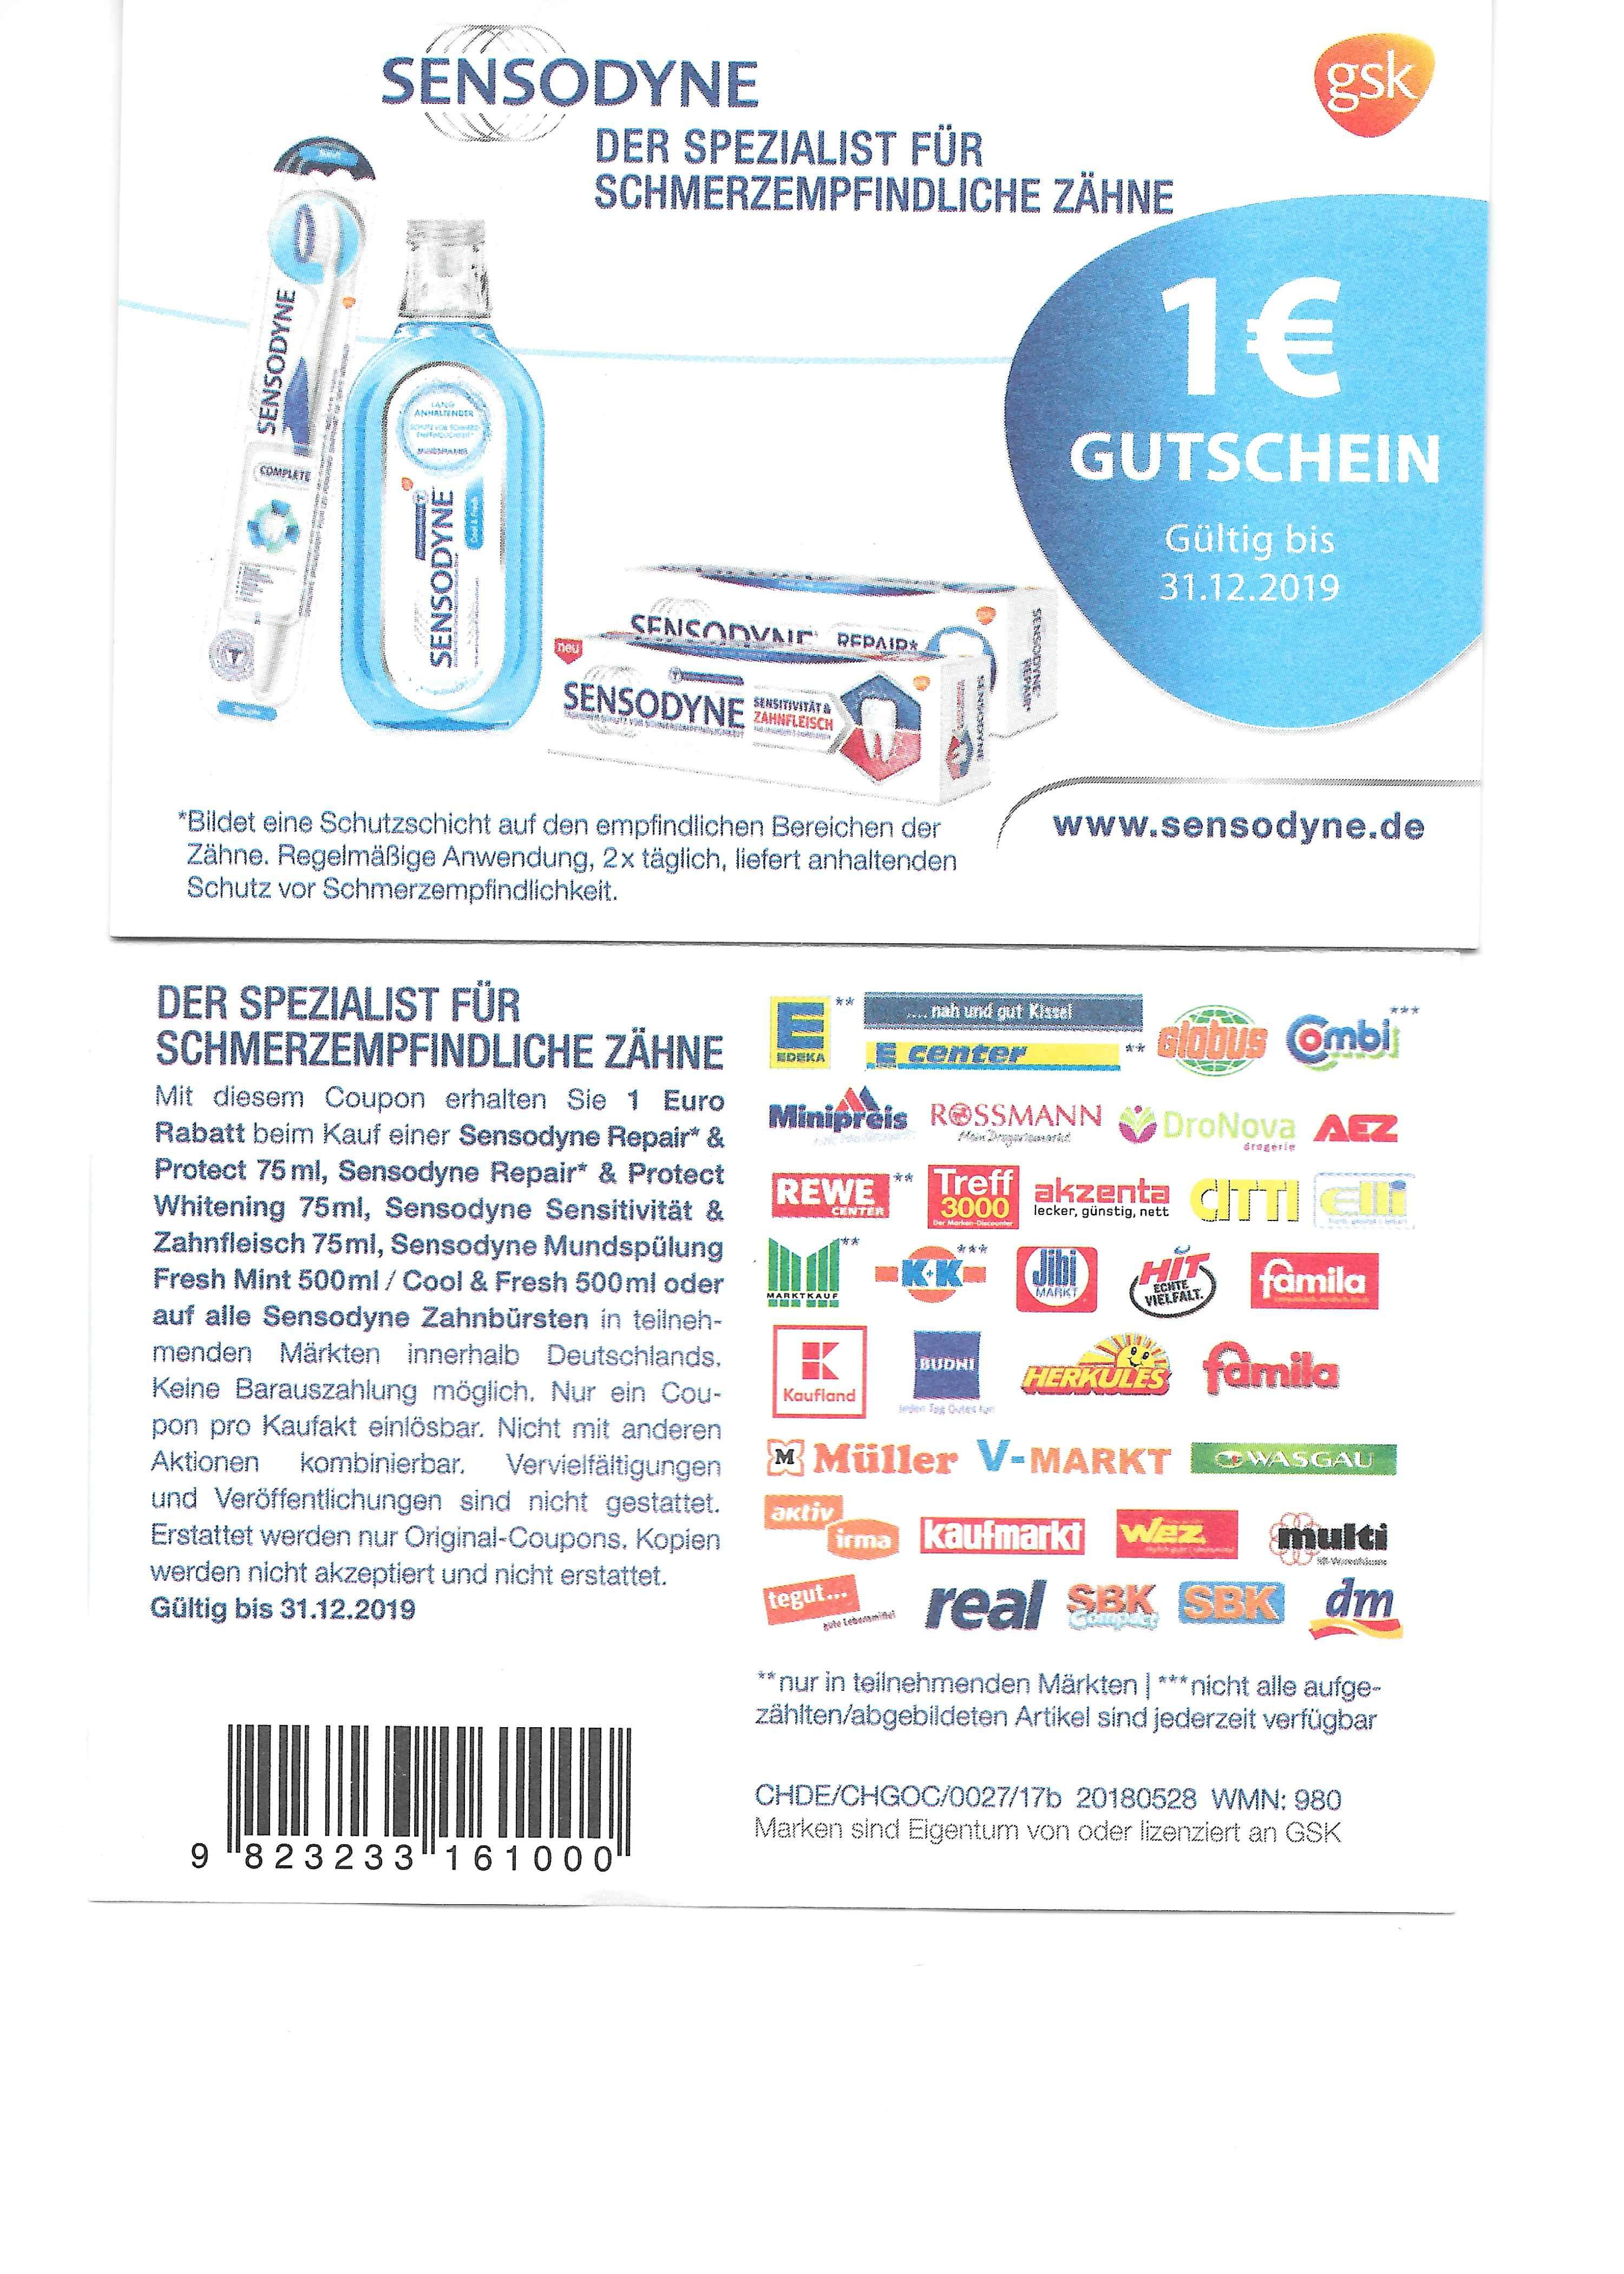 Neuer Sensodyne Coupon 1,00 Euro bis 31.12.2019 gültig